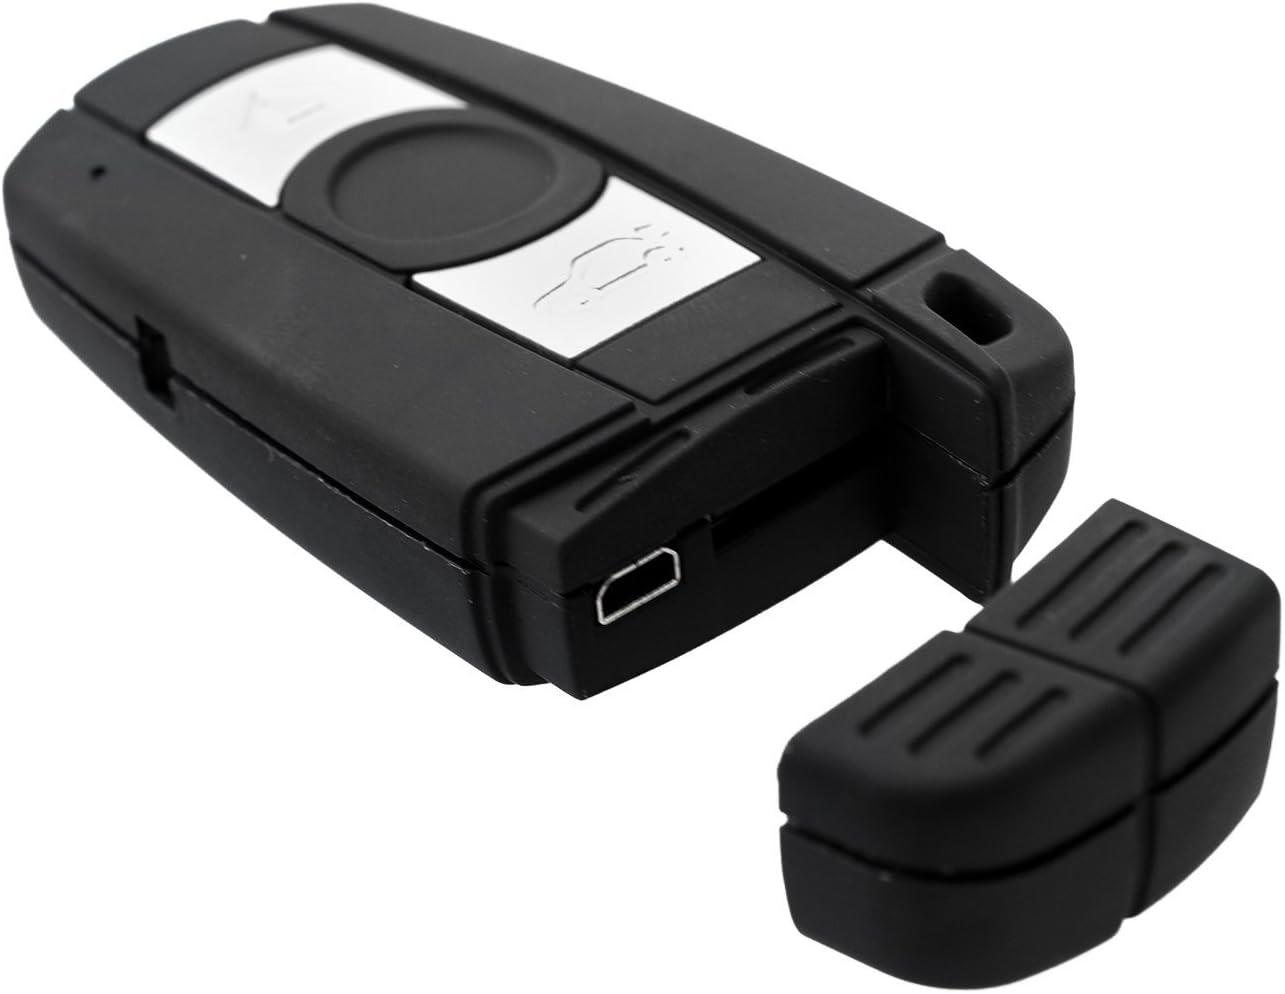 5 megap/íxeles C/ámara oculta K45 Full HD en forma de llave de coche supervisi/ón de larga duraci/ón con visi/ón nocturna Kobert Goods detecci/ón de movimiento